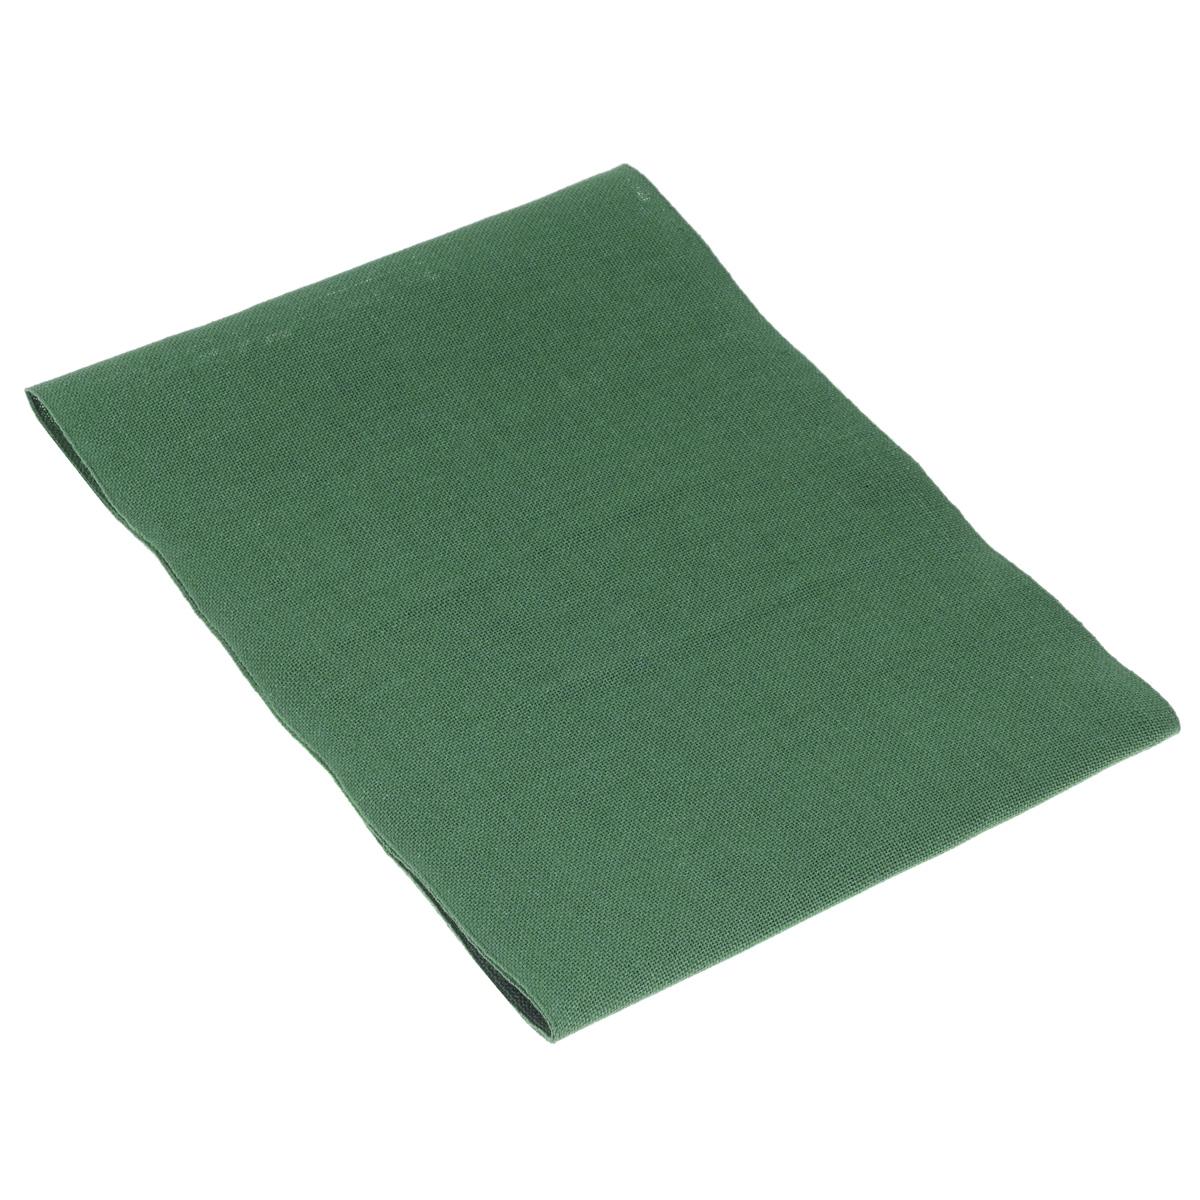 Основа для вышивания крестом или гладью Vaupel & Heilenbeck, цвет: зеленое яблоко, 40 х 100 см207-400Основа для вышивания крестом или гладью Vaupel & Heilenbeck представляет собой однотонную 11-ти ниточную дорожку, выполненную из 100% льна. Воплотите свои идеи на этой дорожке! Дорожка, украшенная своими руками, дополнит интерьер любого помещения, а также сможет стать изысканным подарком для ваших друзей и близких.